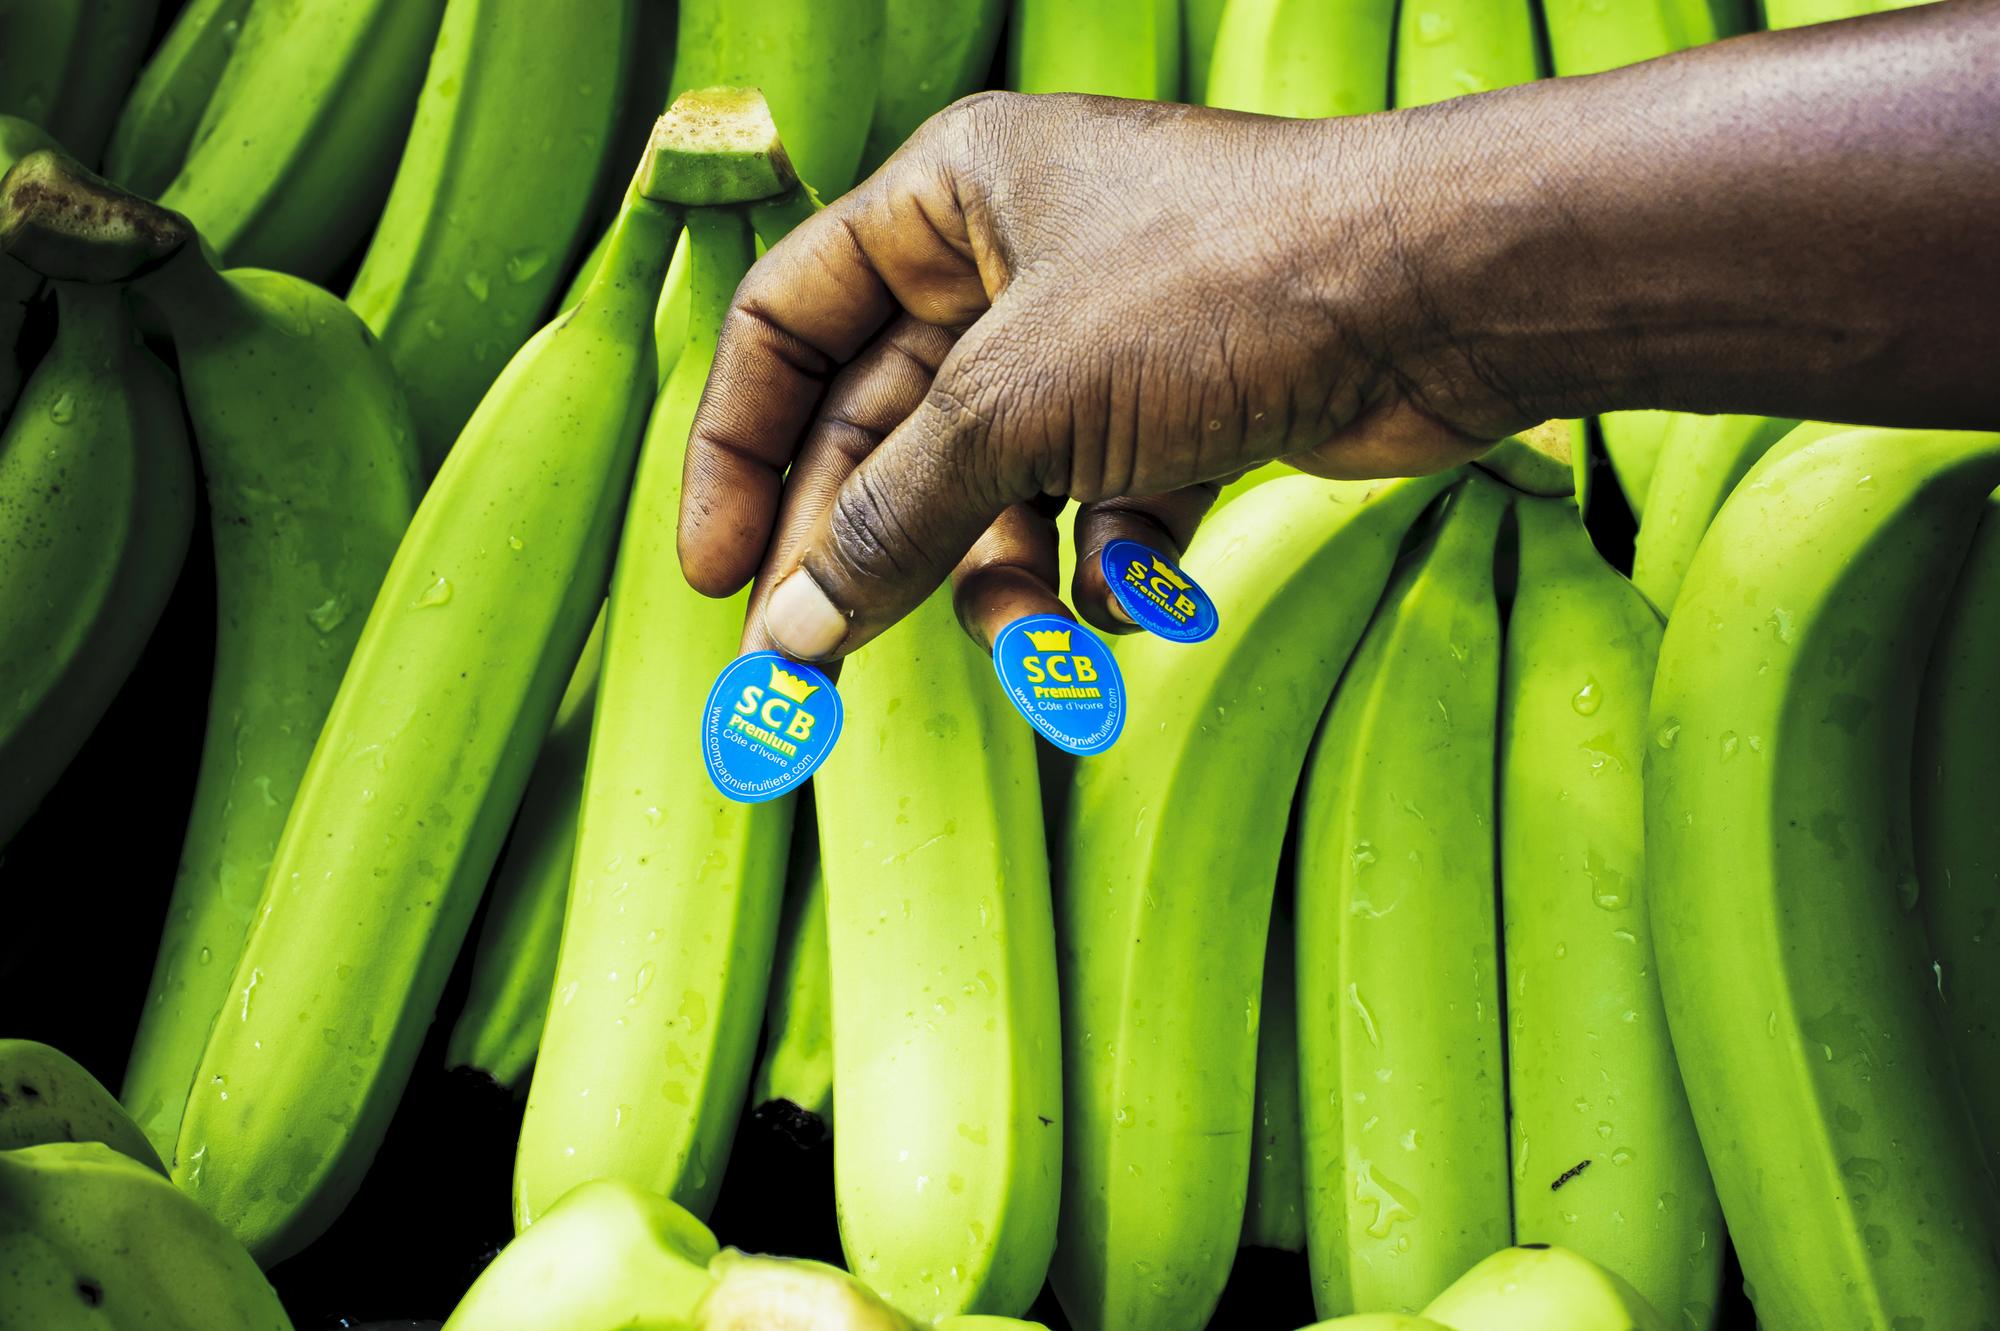 Régimes de la Société de culture bananière, filiale de la Compagnie fruitie